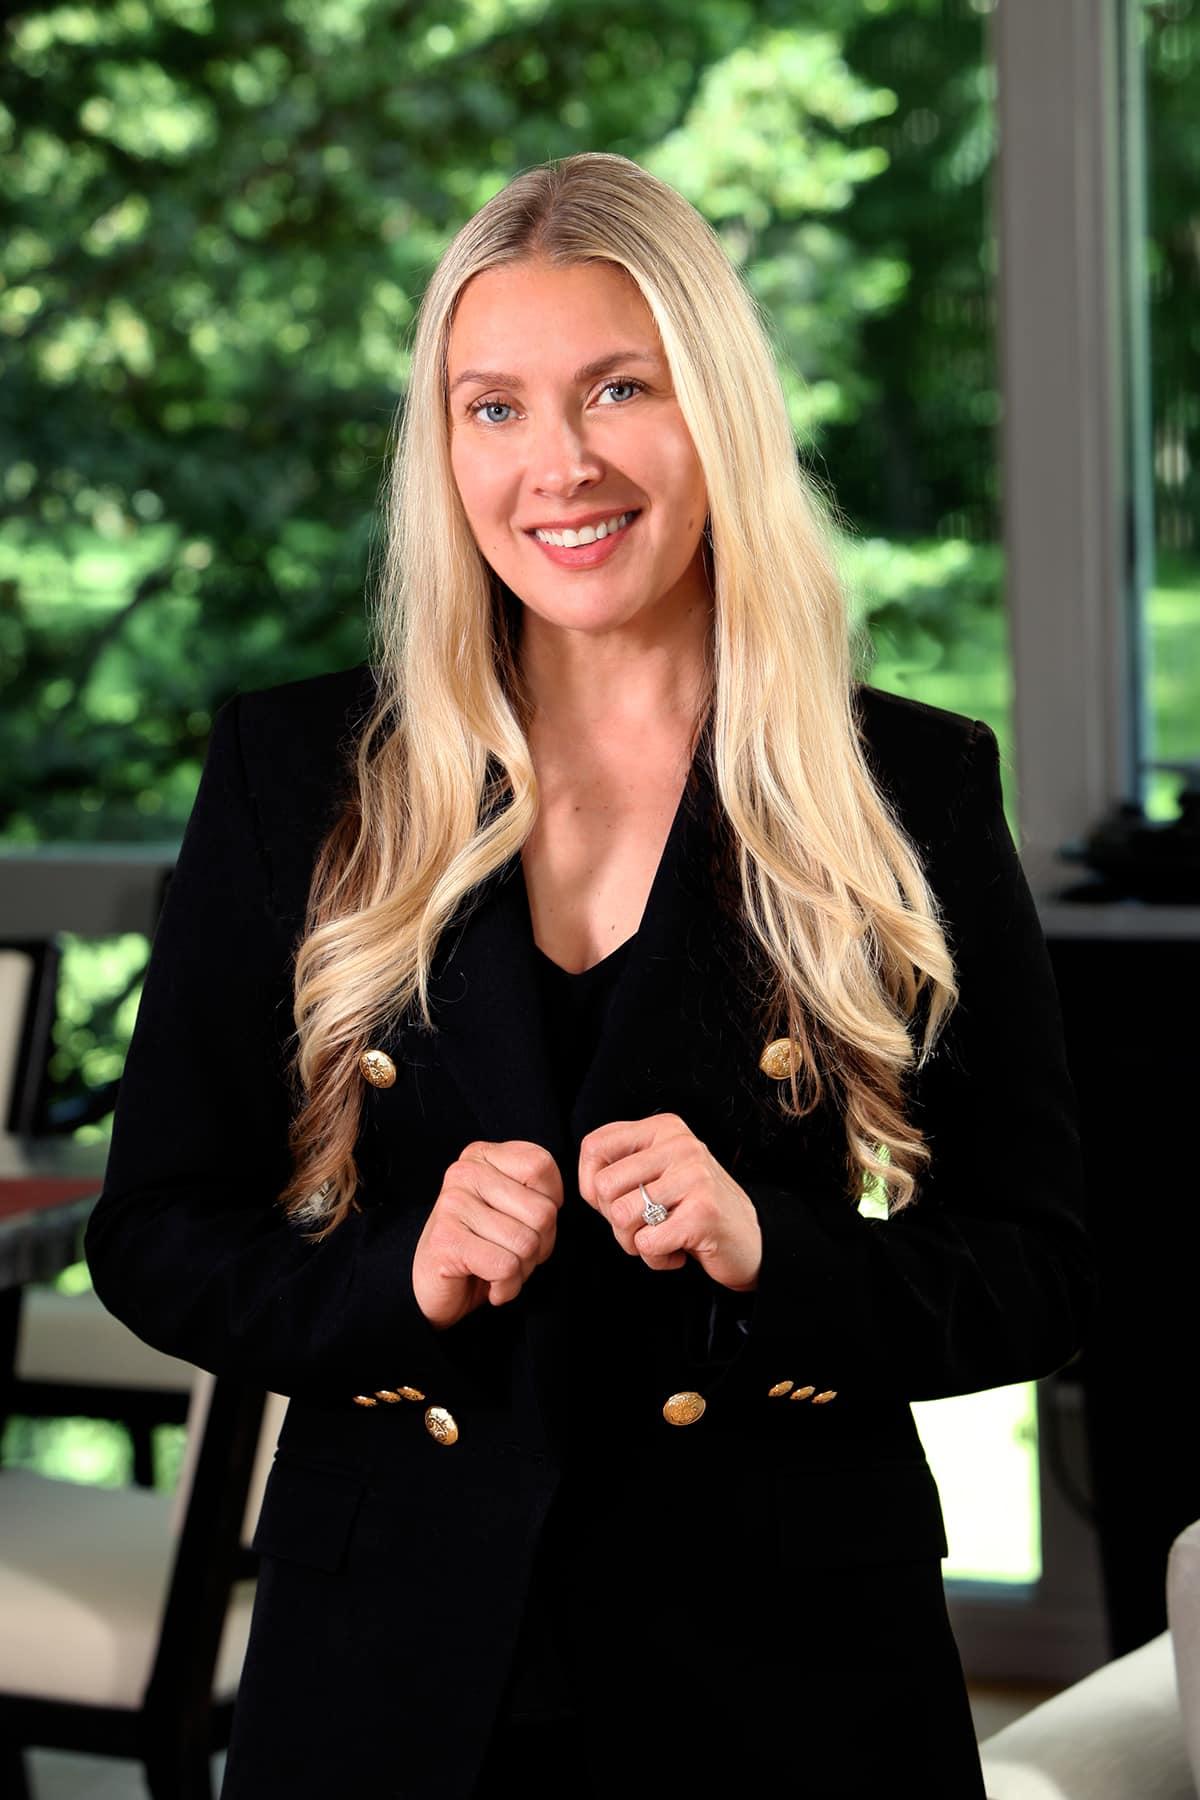 Lauren Kacyvenski